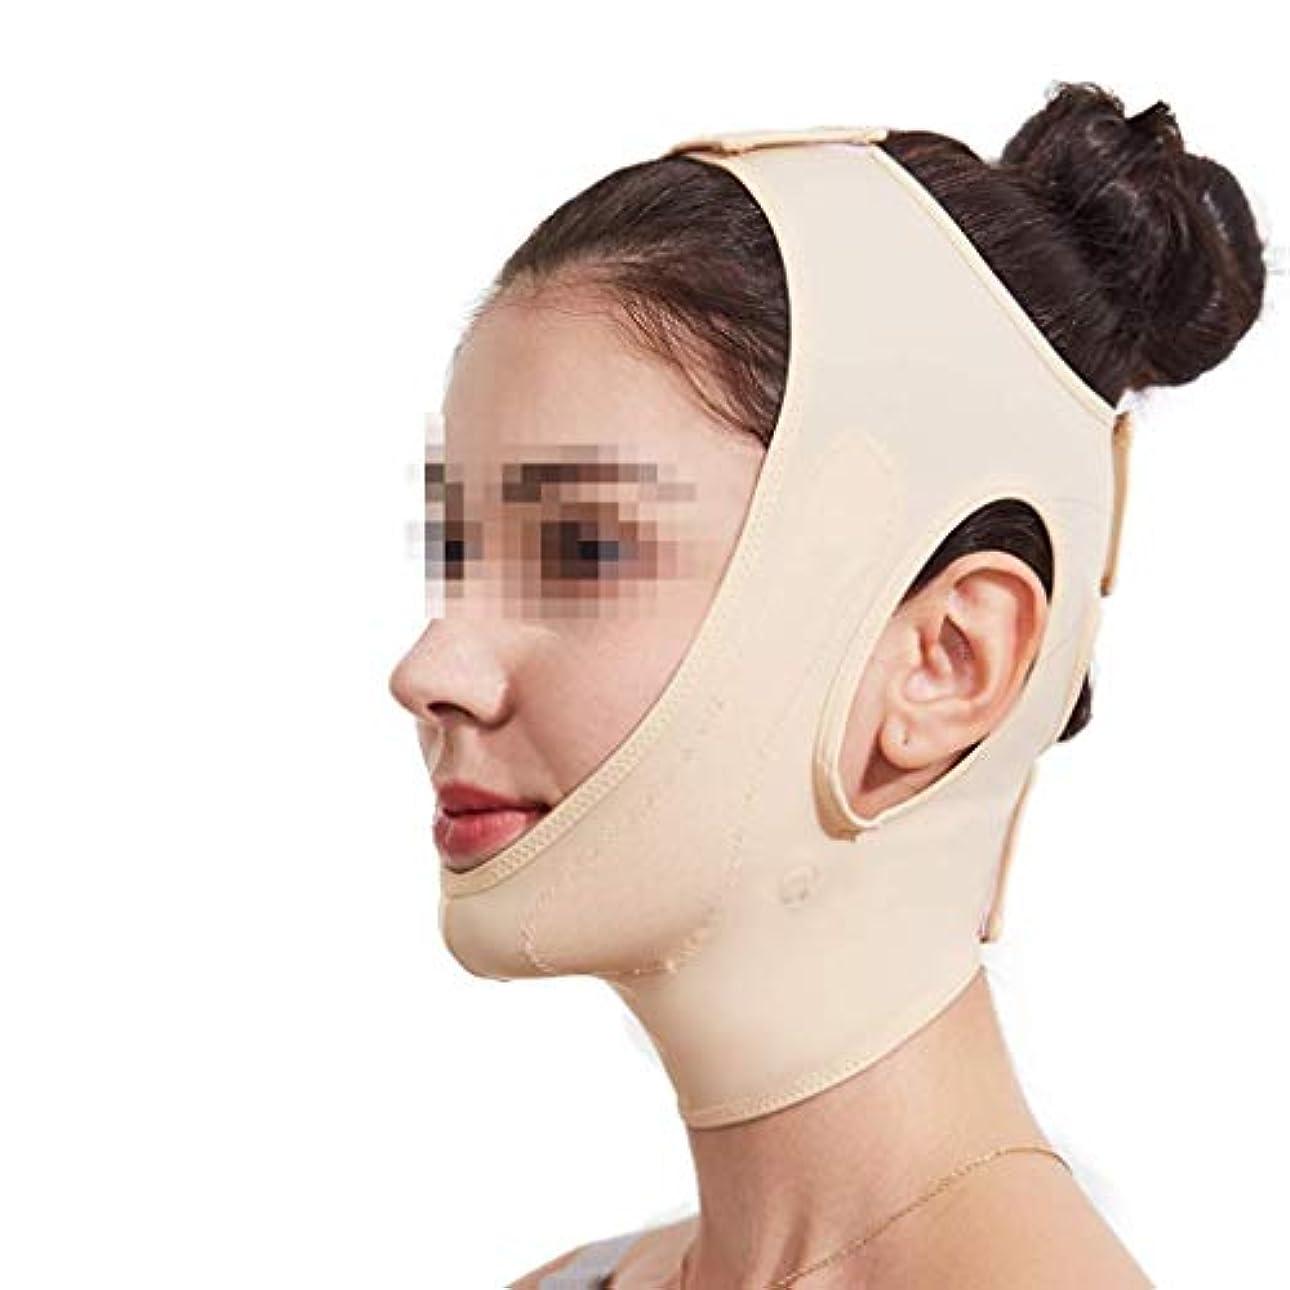 システム息切れ健全フェイスリフティングバンデージ、フェイスマスクフェイスリフトチン快適な顔マルチカラーオプション(色:肌のトーン)